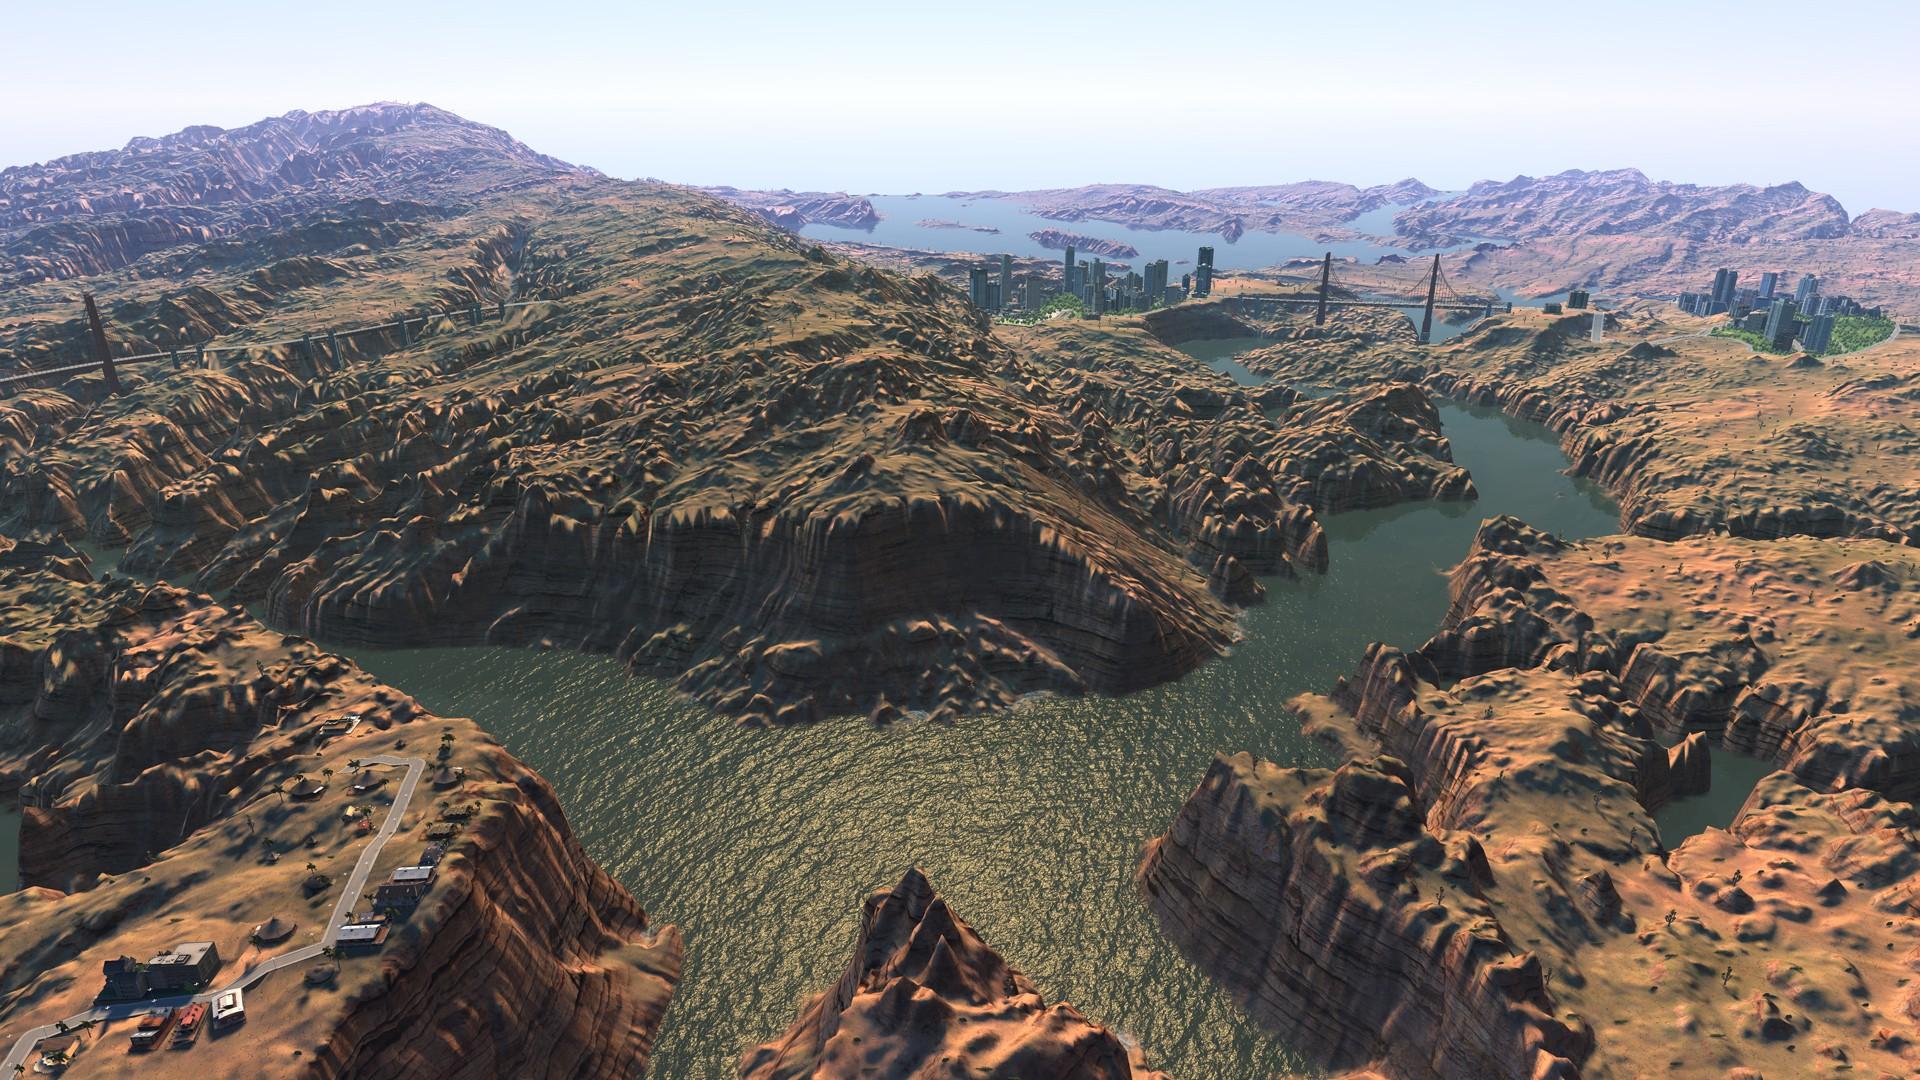 Eksempel på et Cities XL-kart. Det ser hakket penere ut, og dette er et spill som begynner å dra på årene.